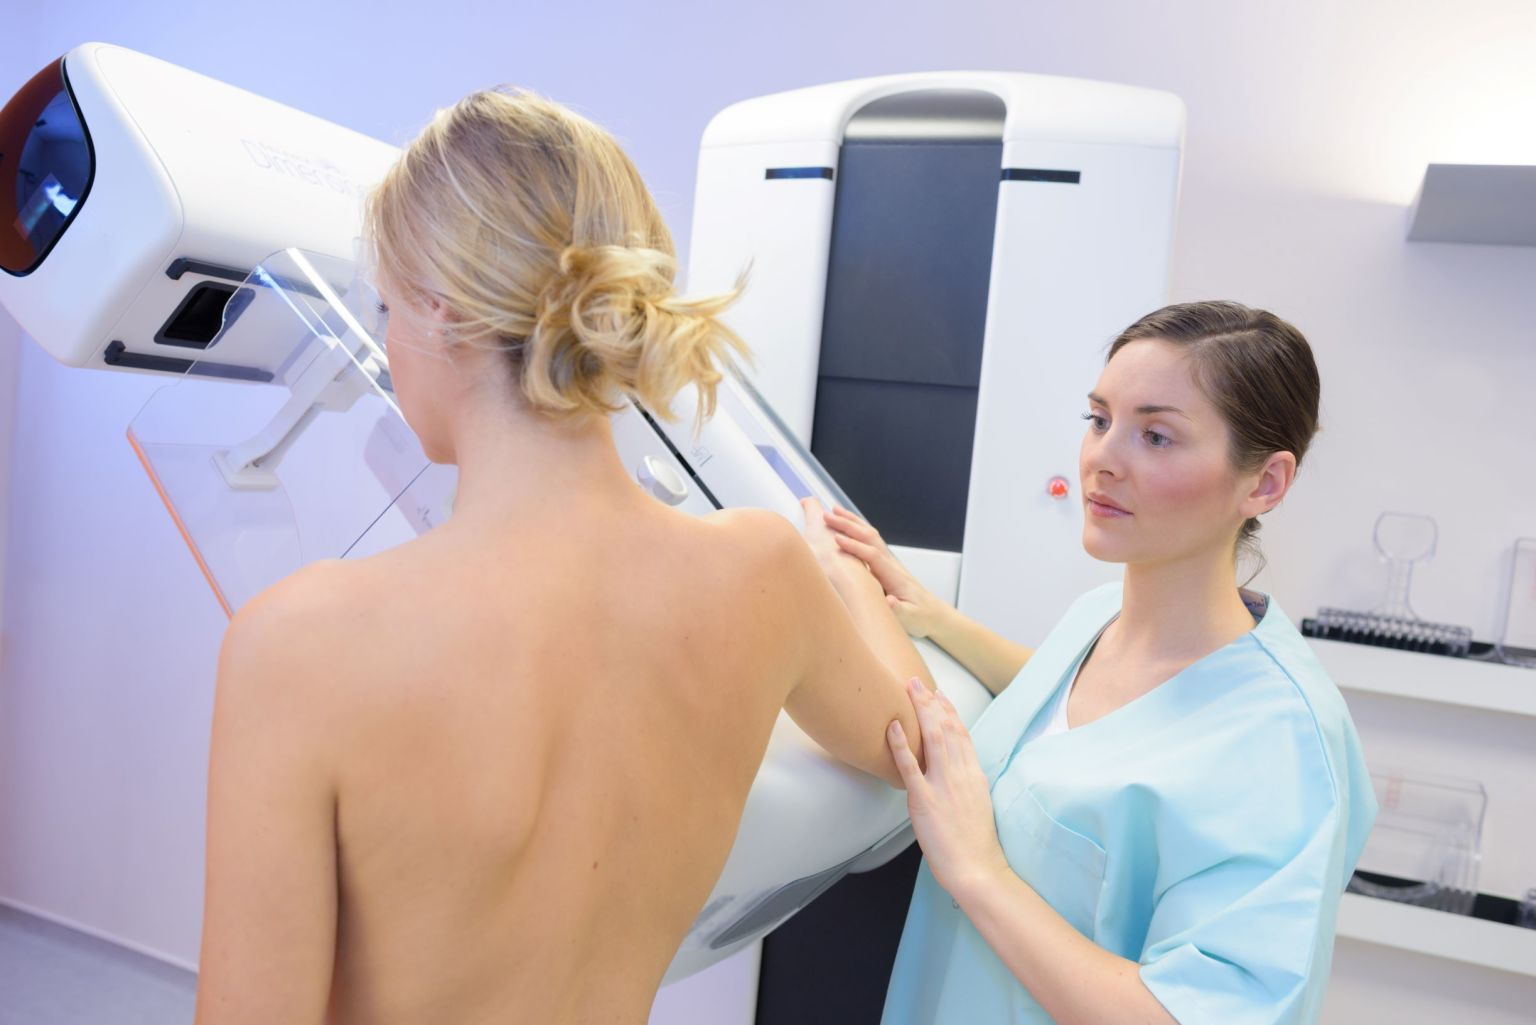 Kvinna och sjuksköterska vid röntgenapparat.